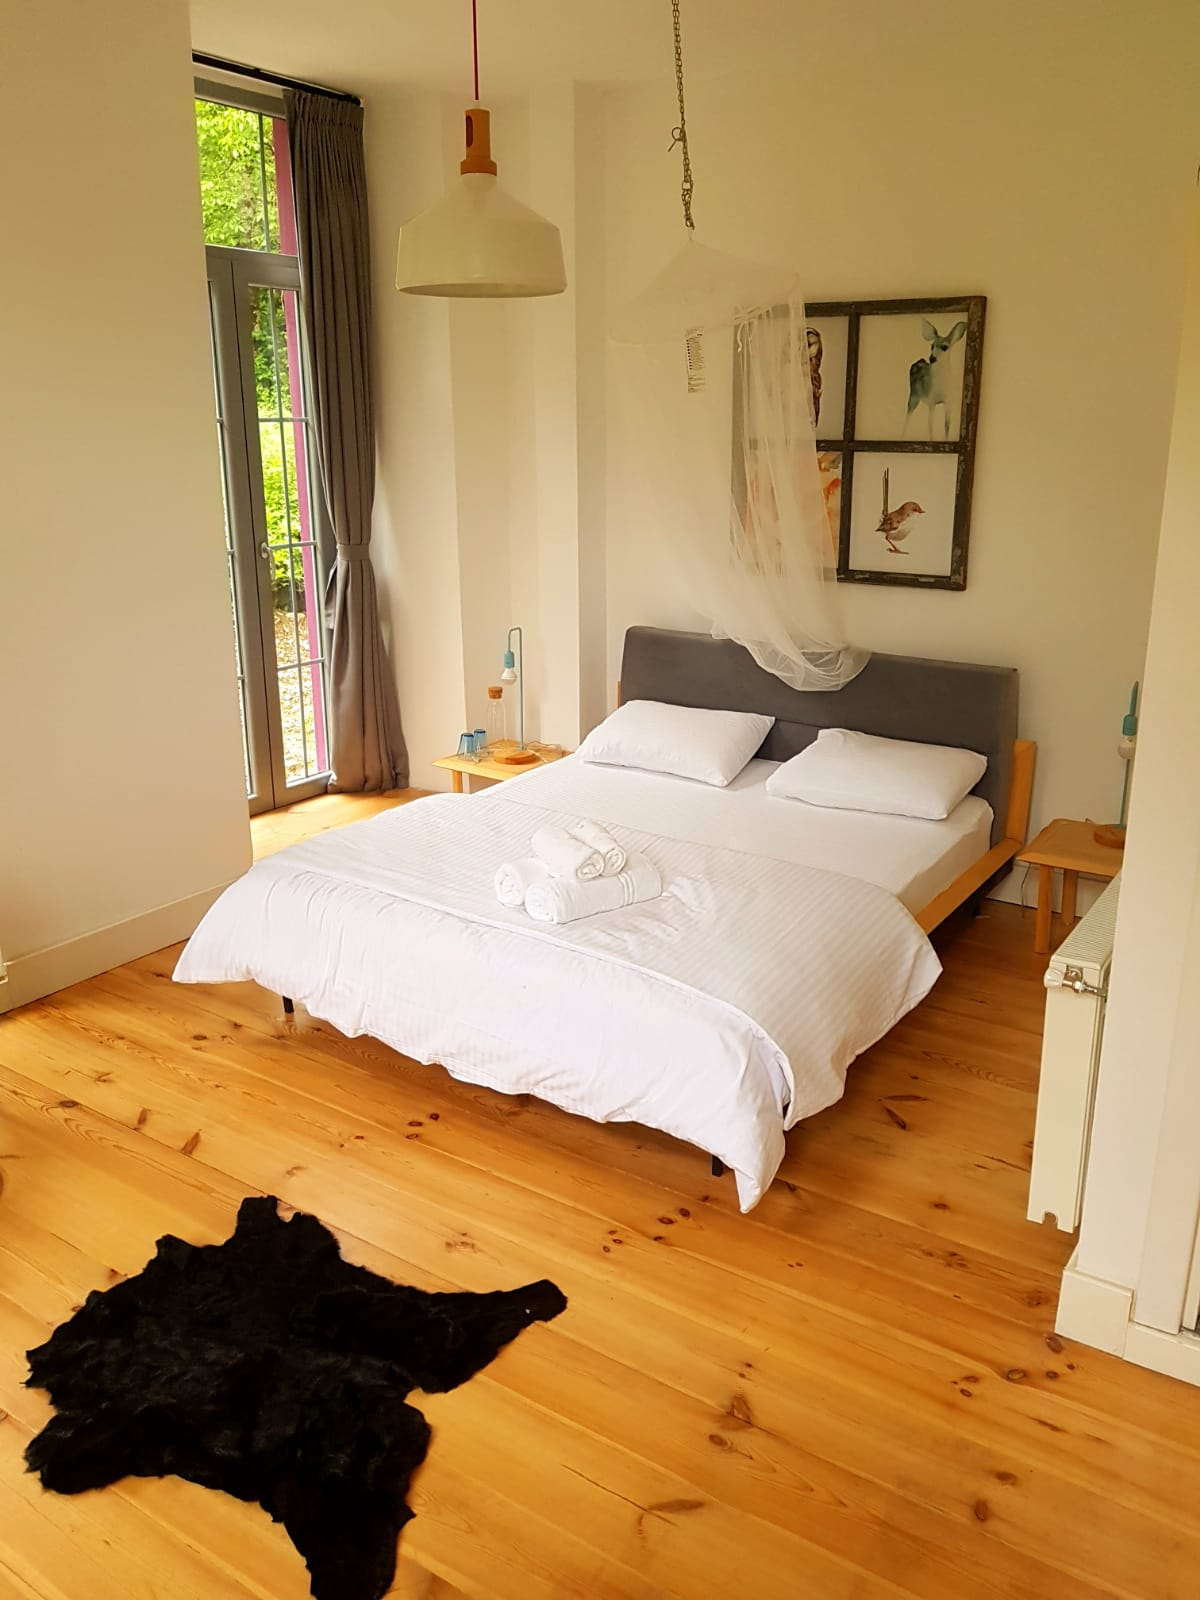 Oda fotoğrafı